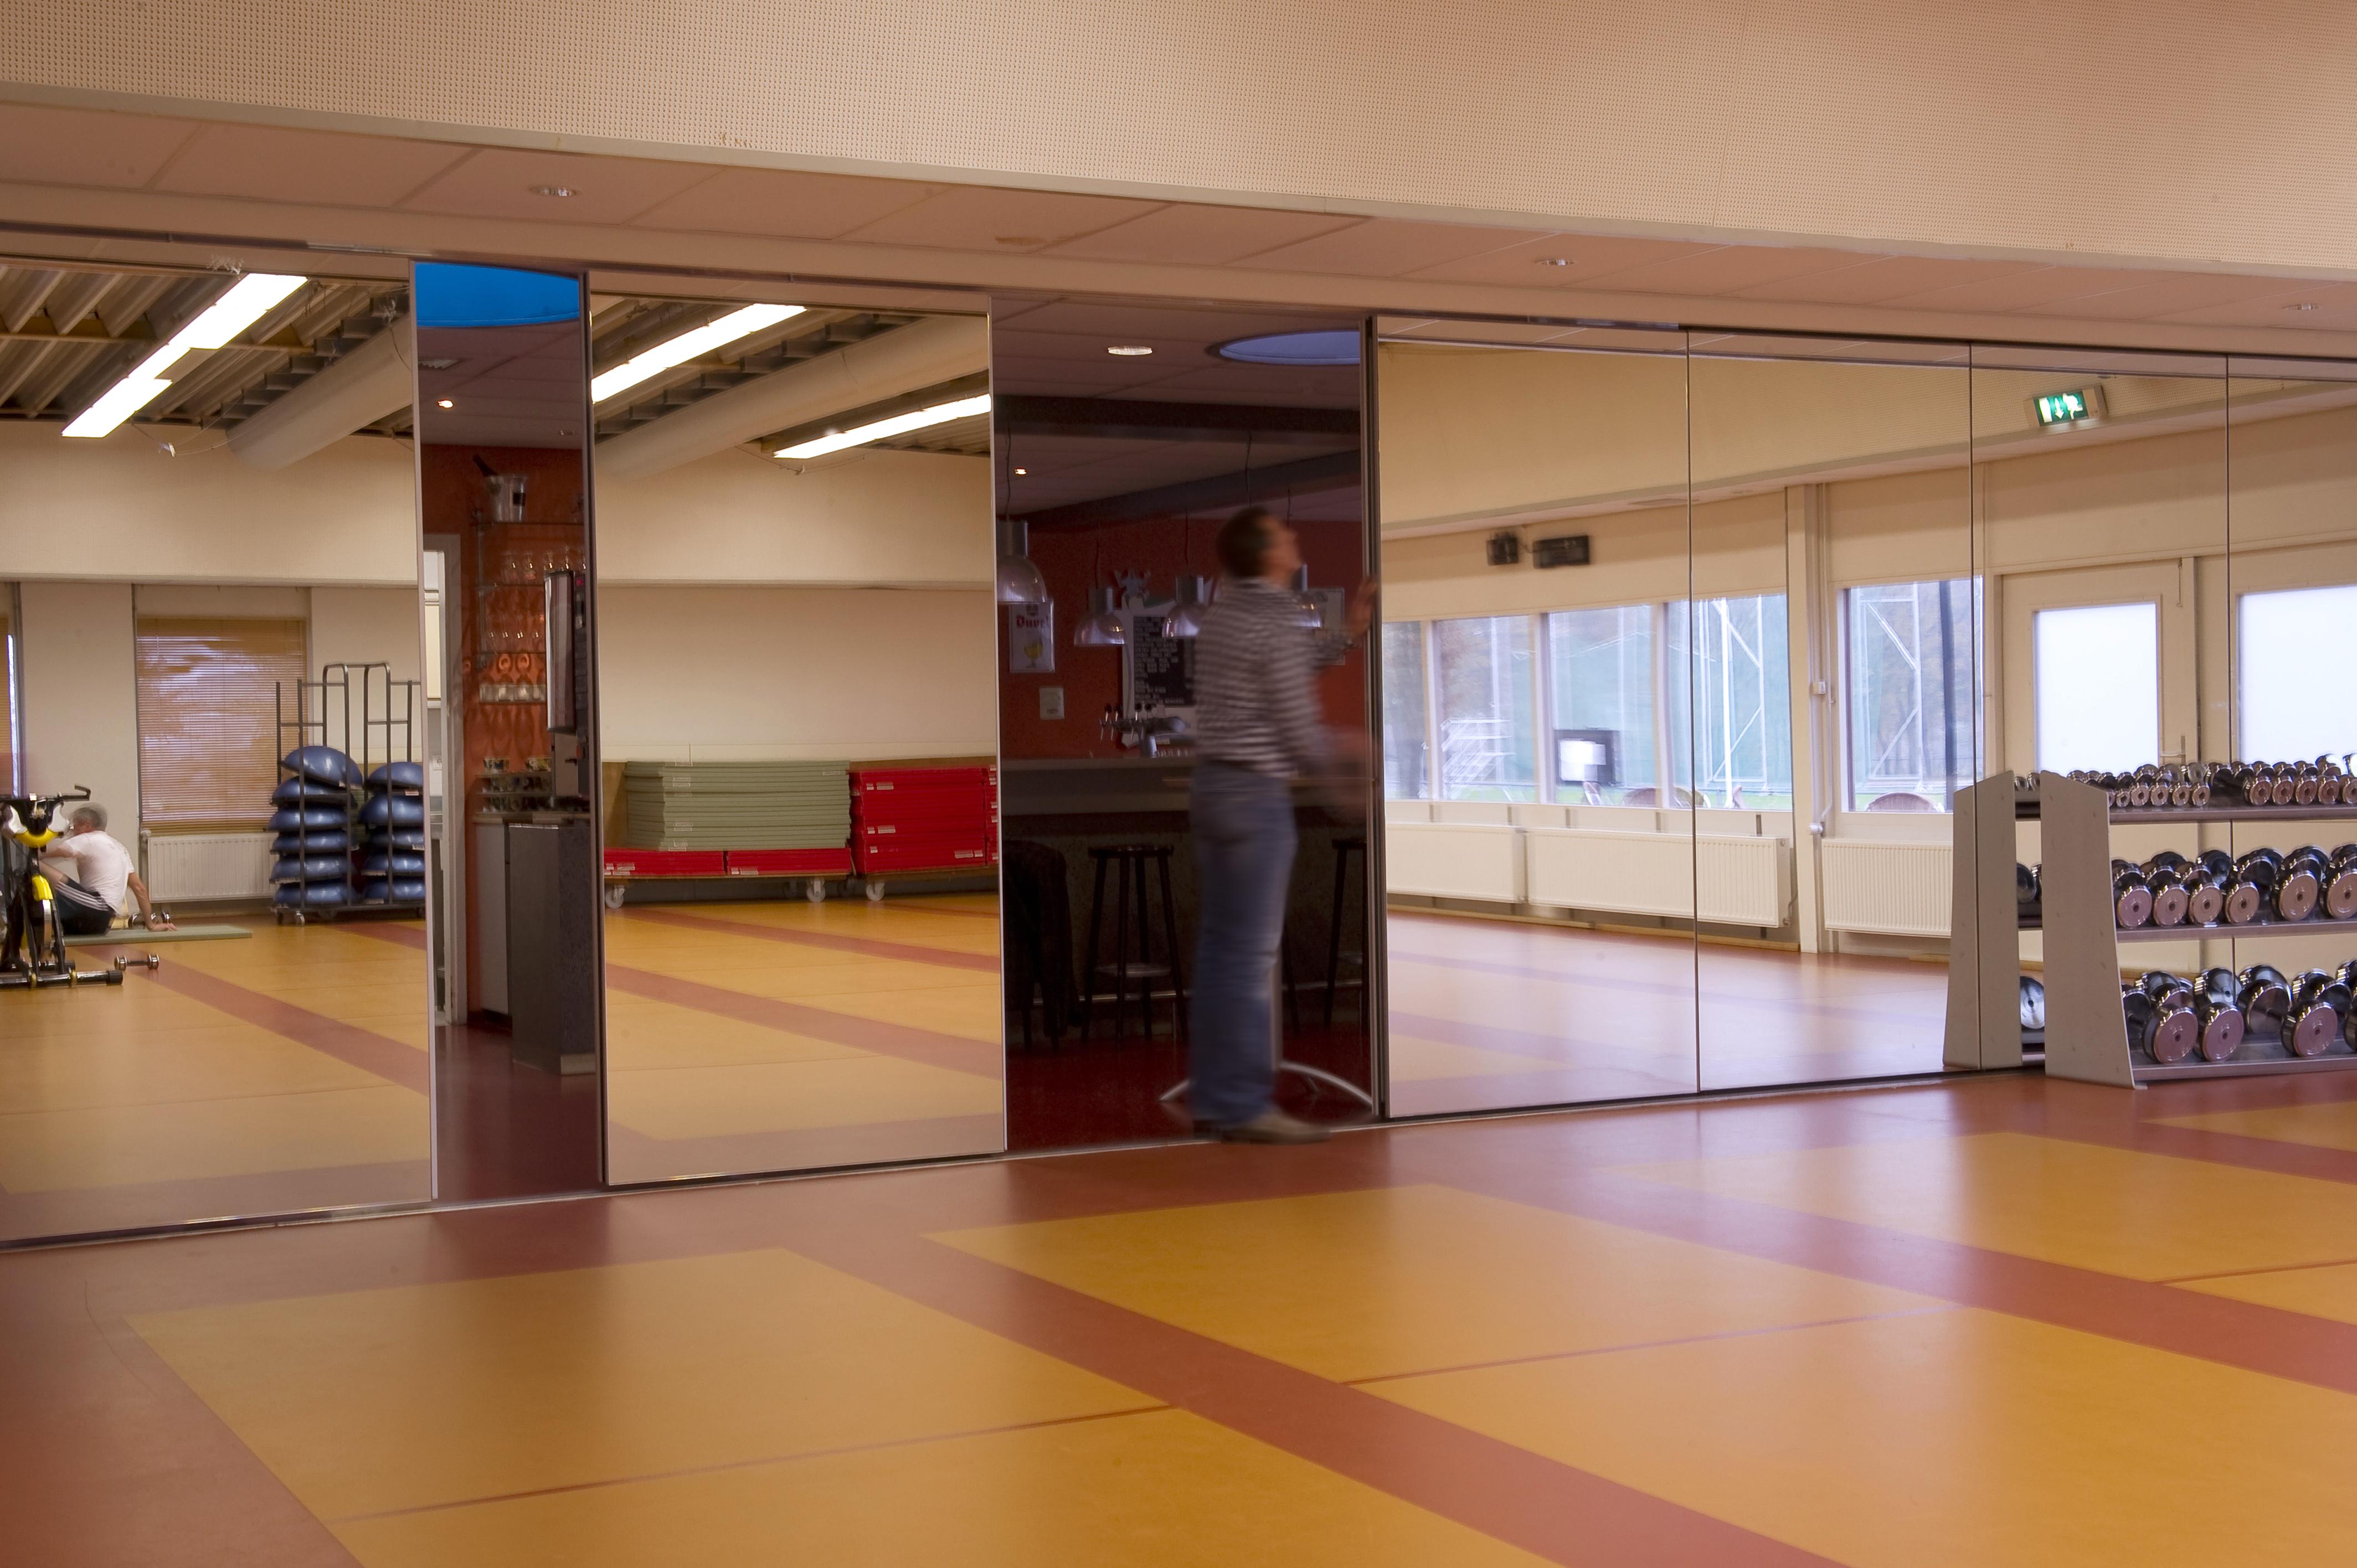 Spiegel op paneelwand in fitnesstuimte